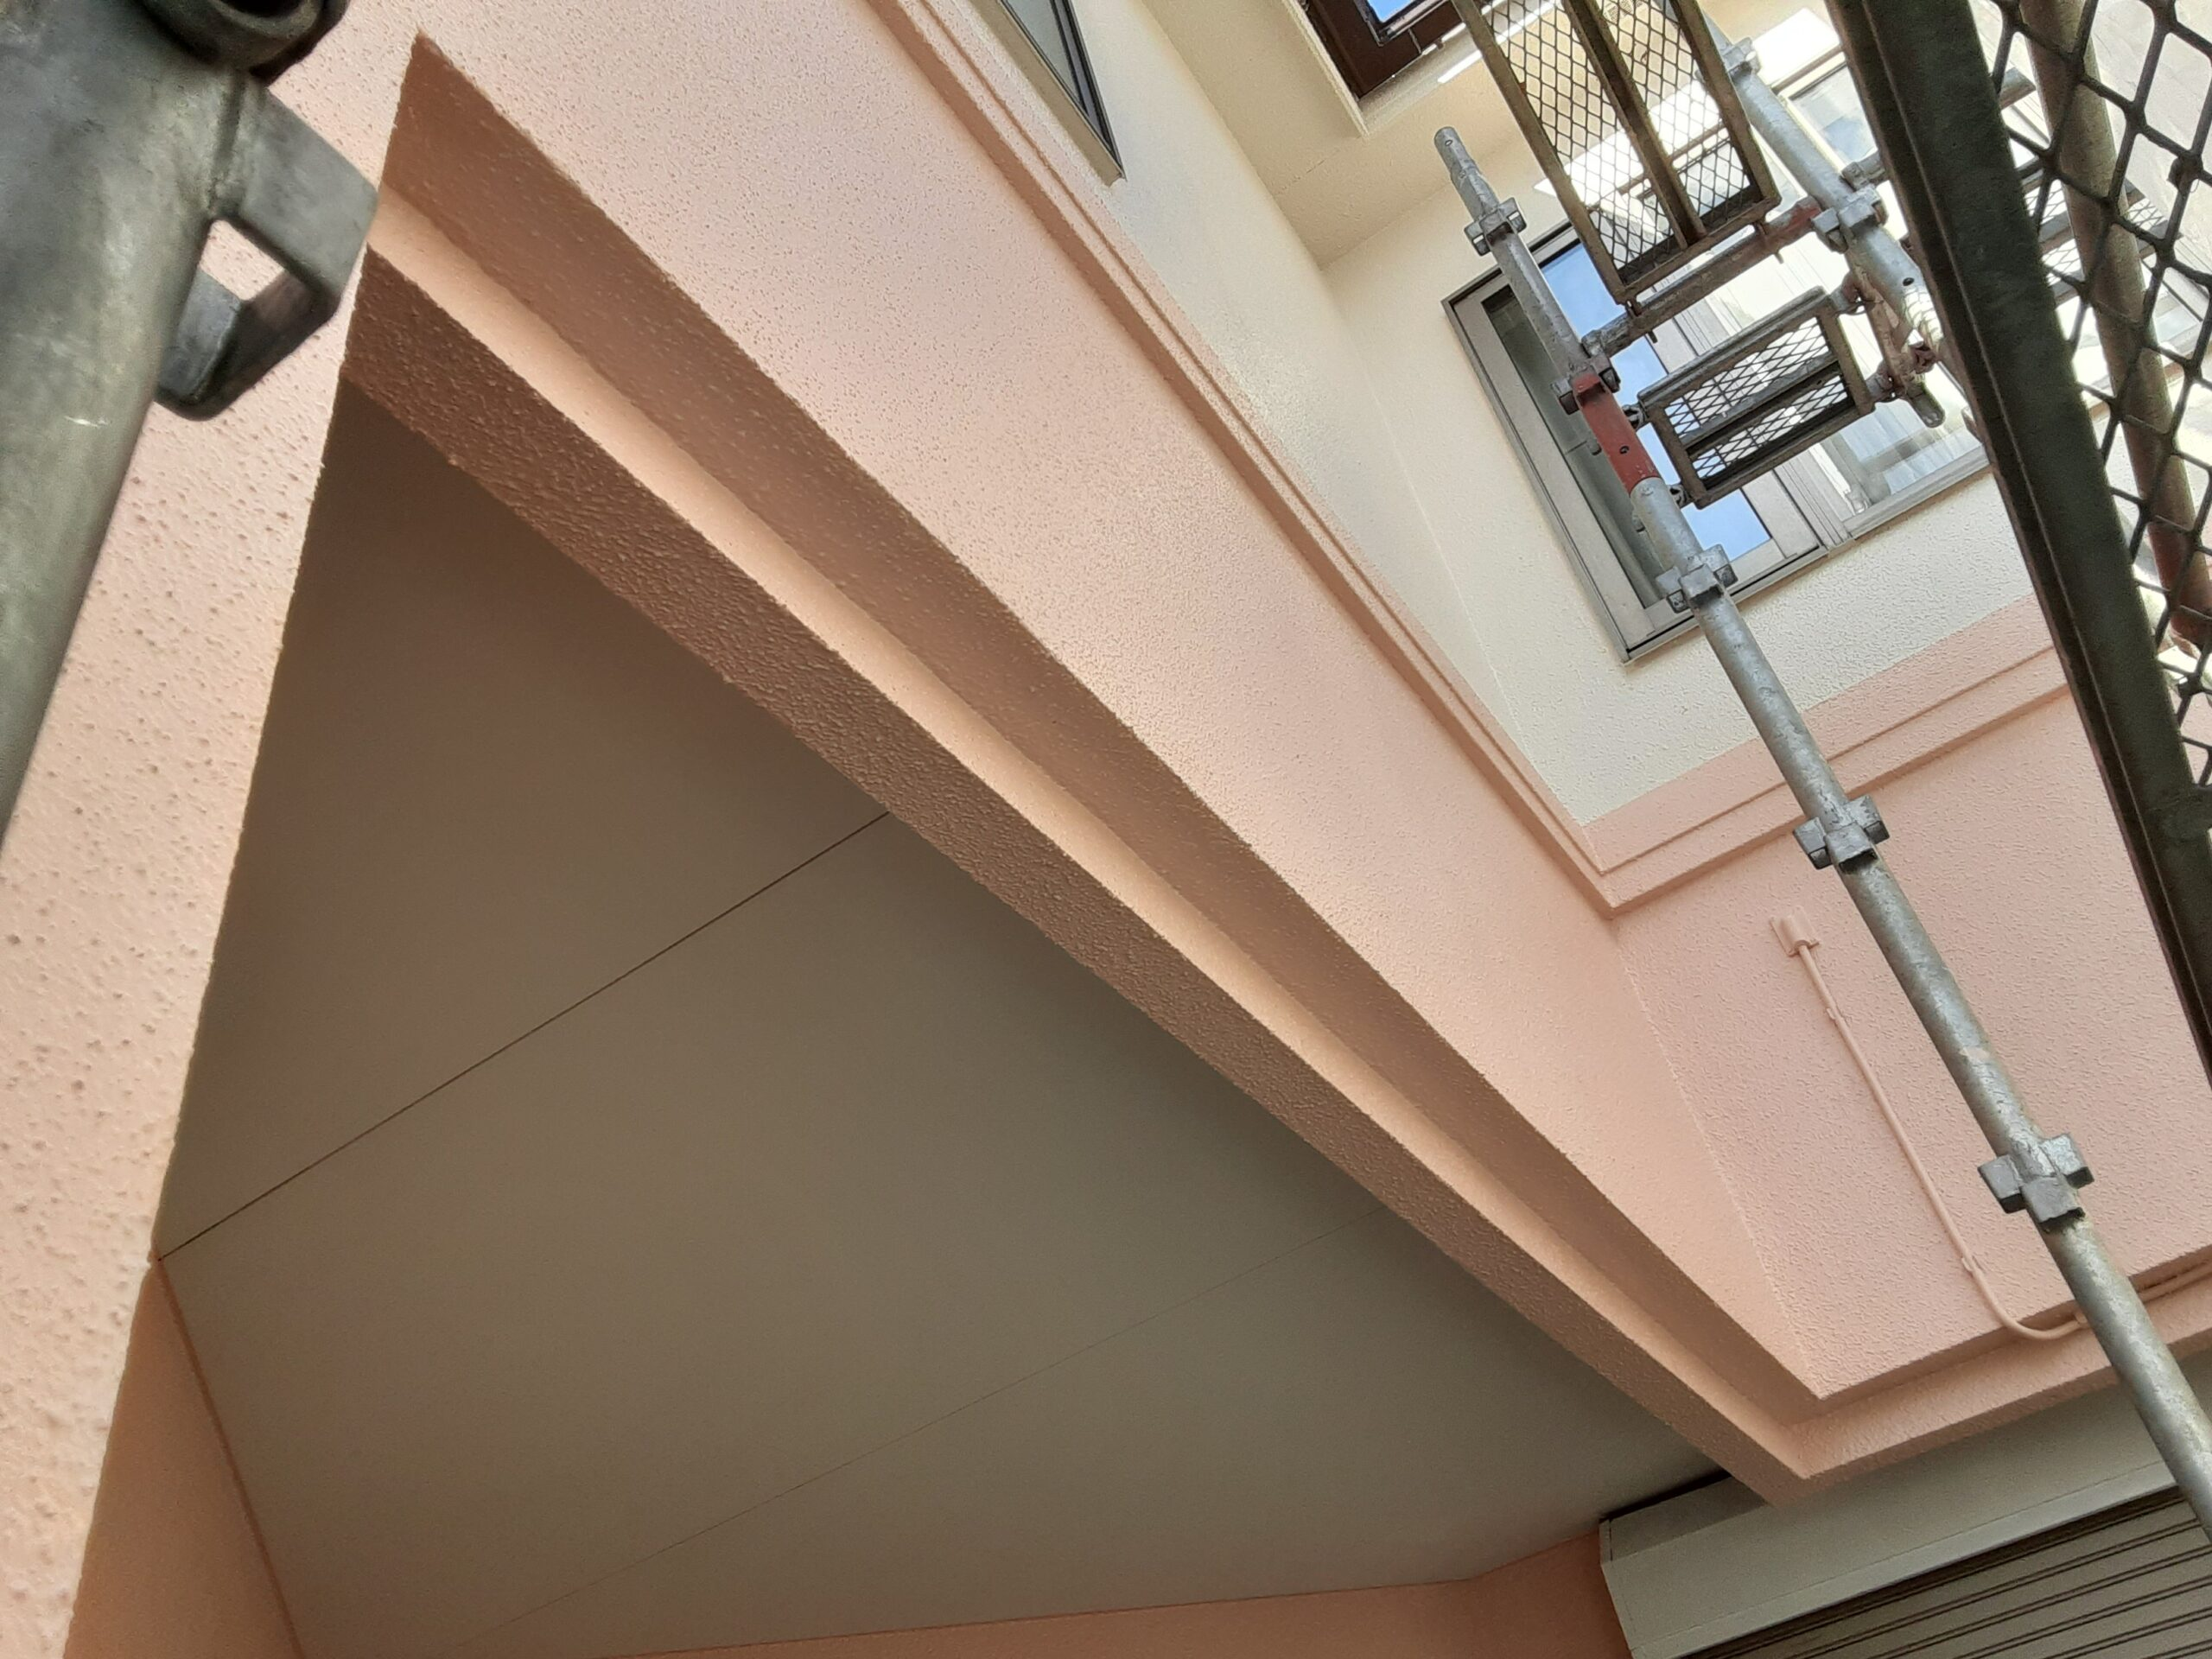 さいたま市大宮区のW様邸(木造2階建て)にて屋根・鉄部の塗装工事